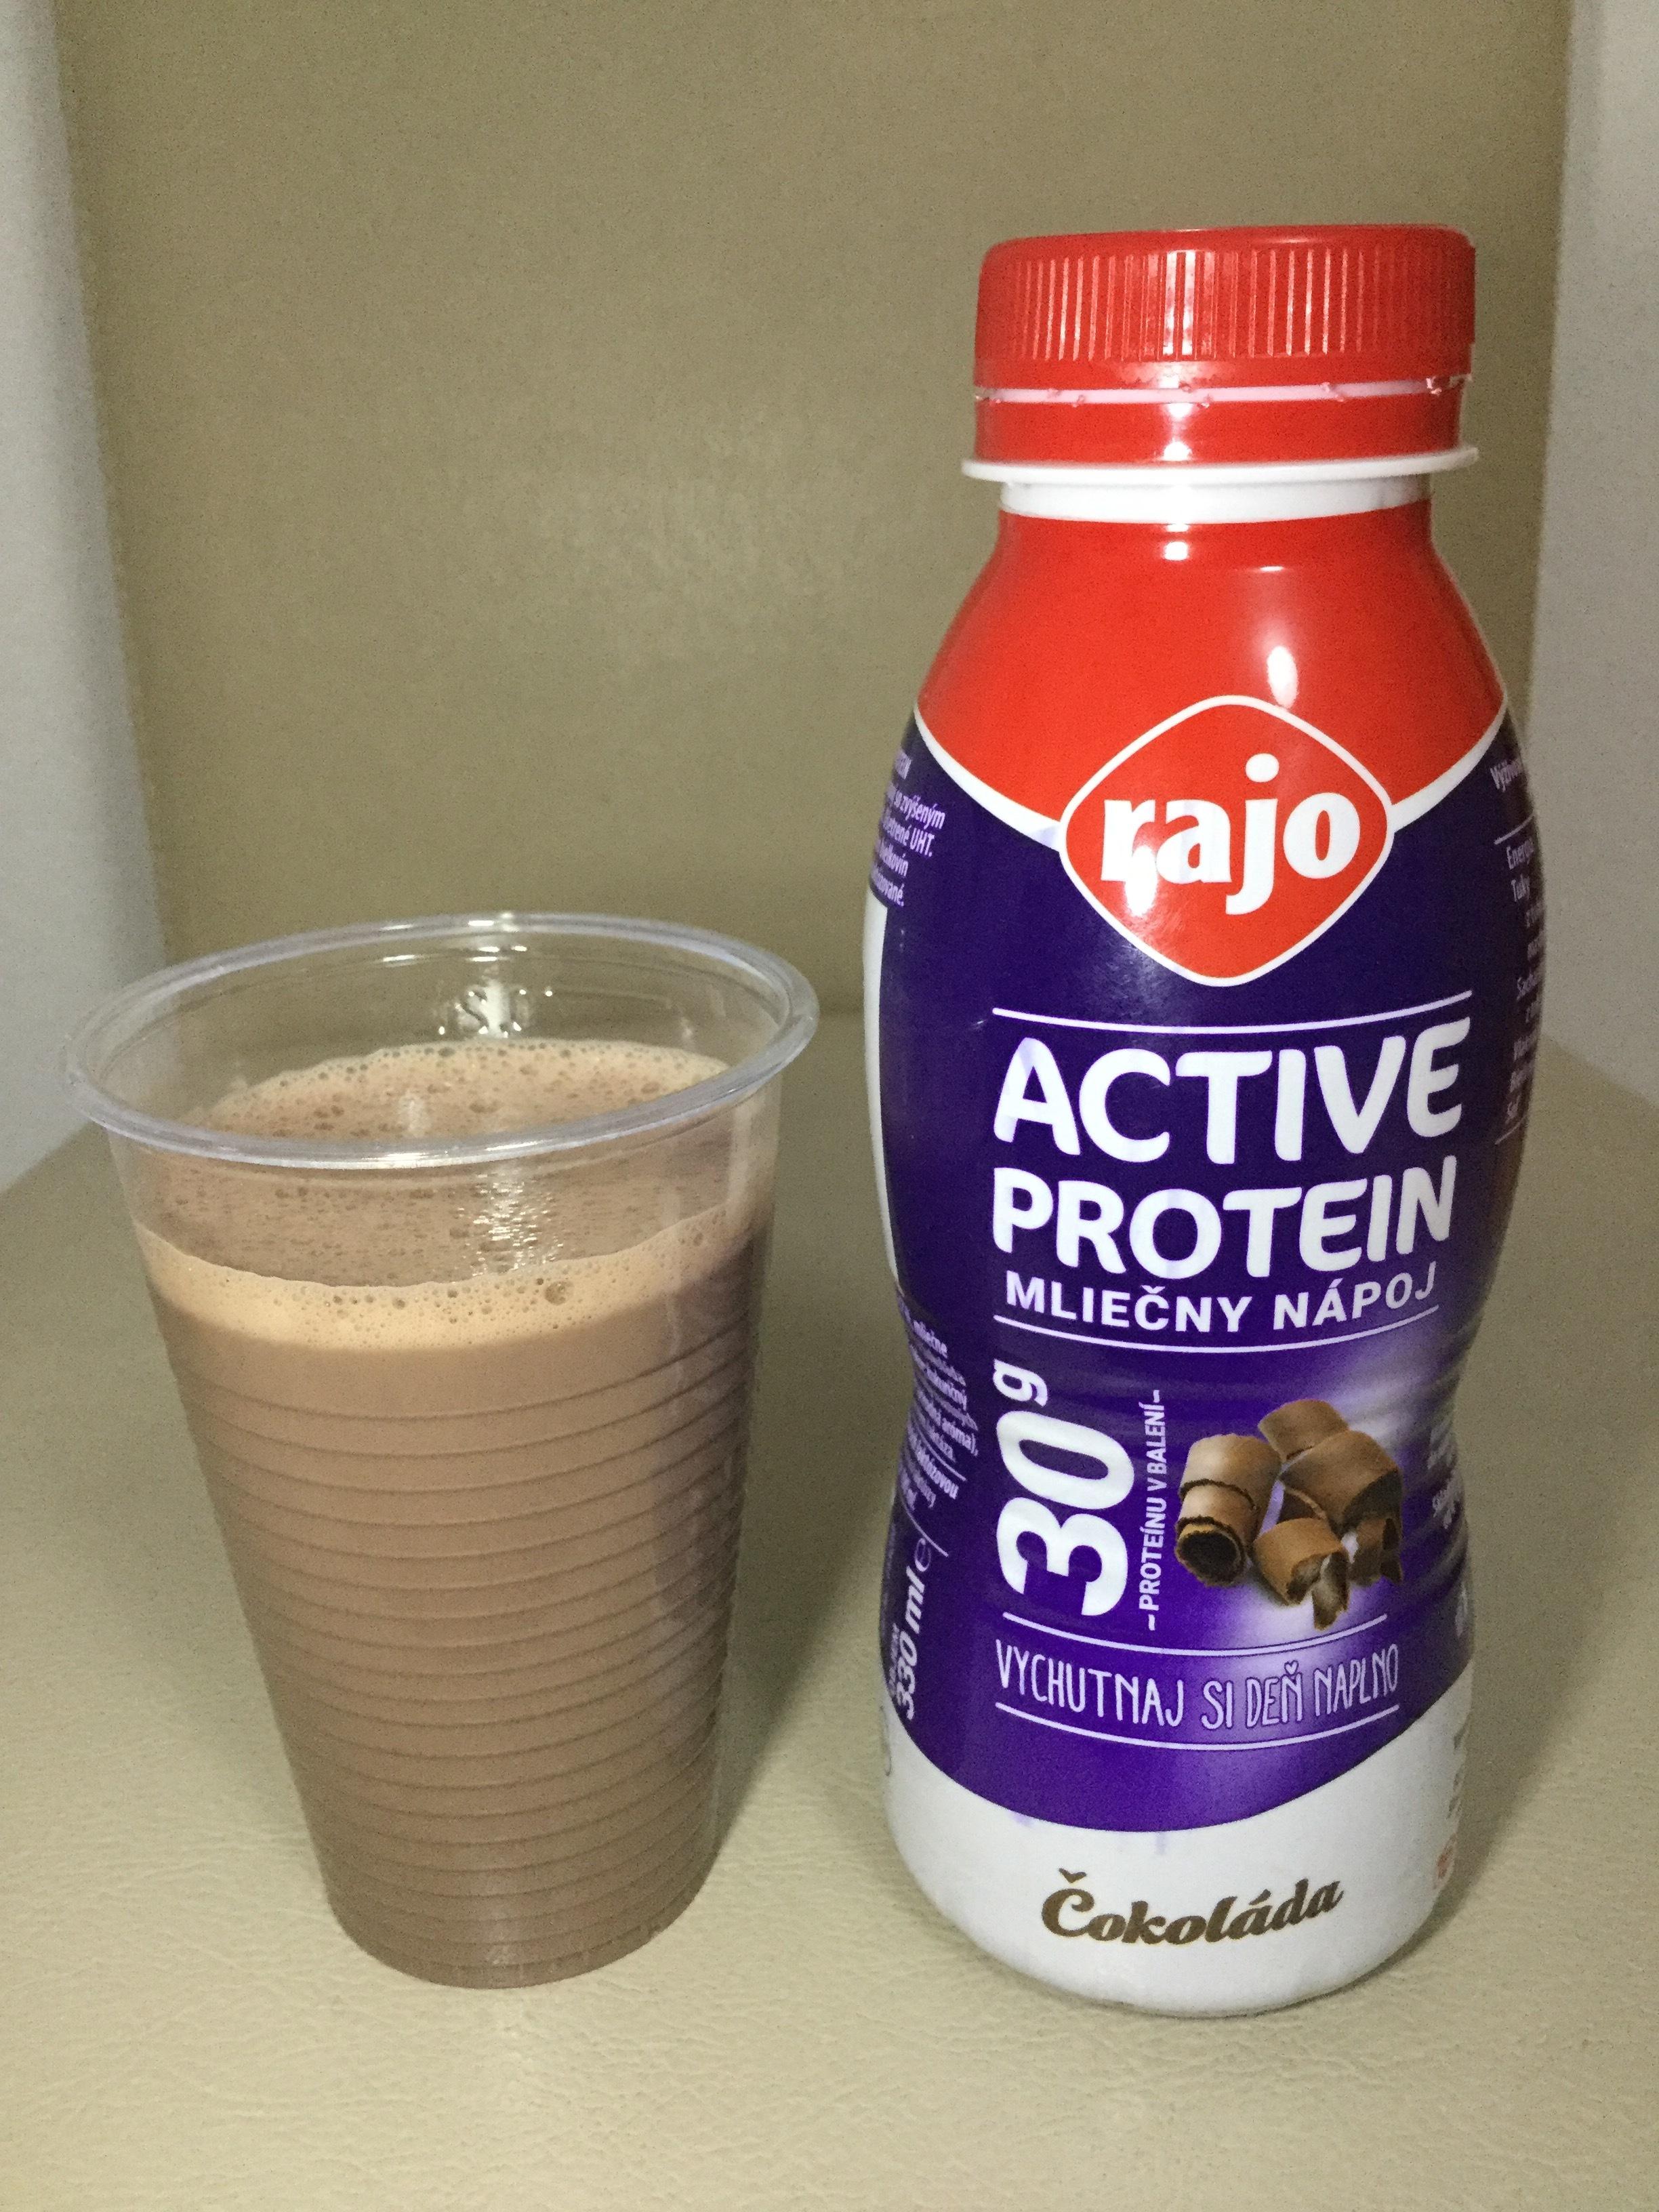 Rajo Active Protein Dairy Drink Cokolada Cup